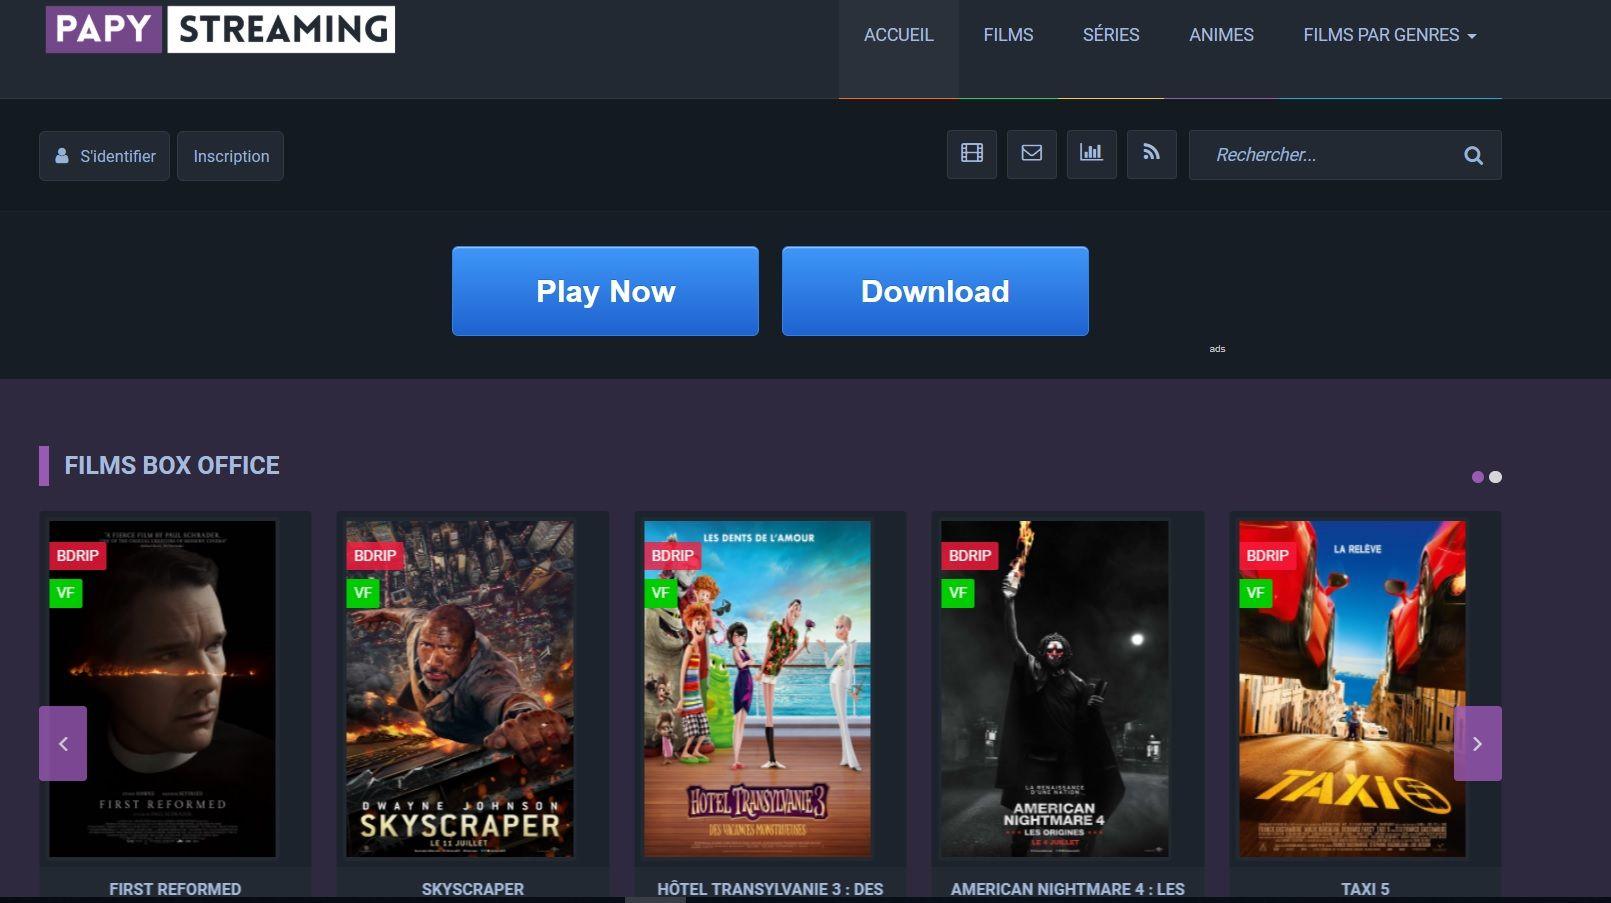 Papy Streaming Les Sites de Streaming Gratuits pour voir les Films et Séries en Français